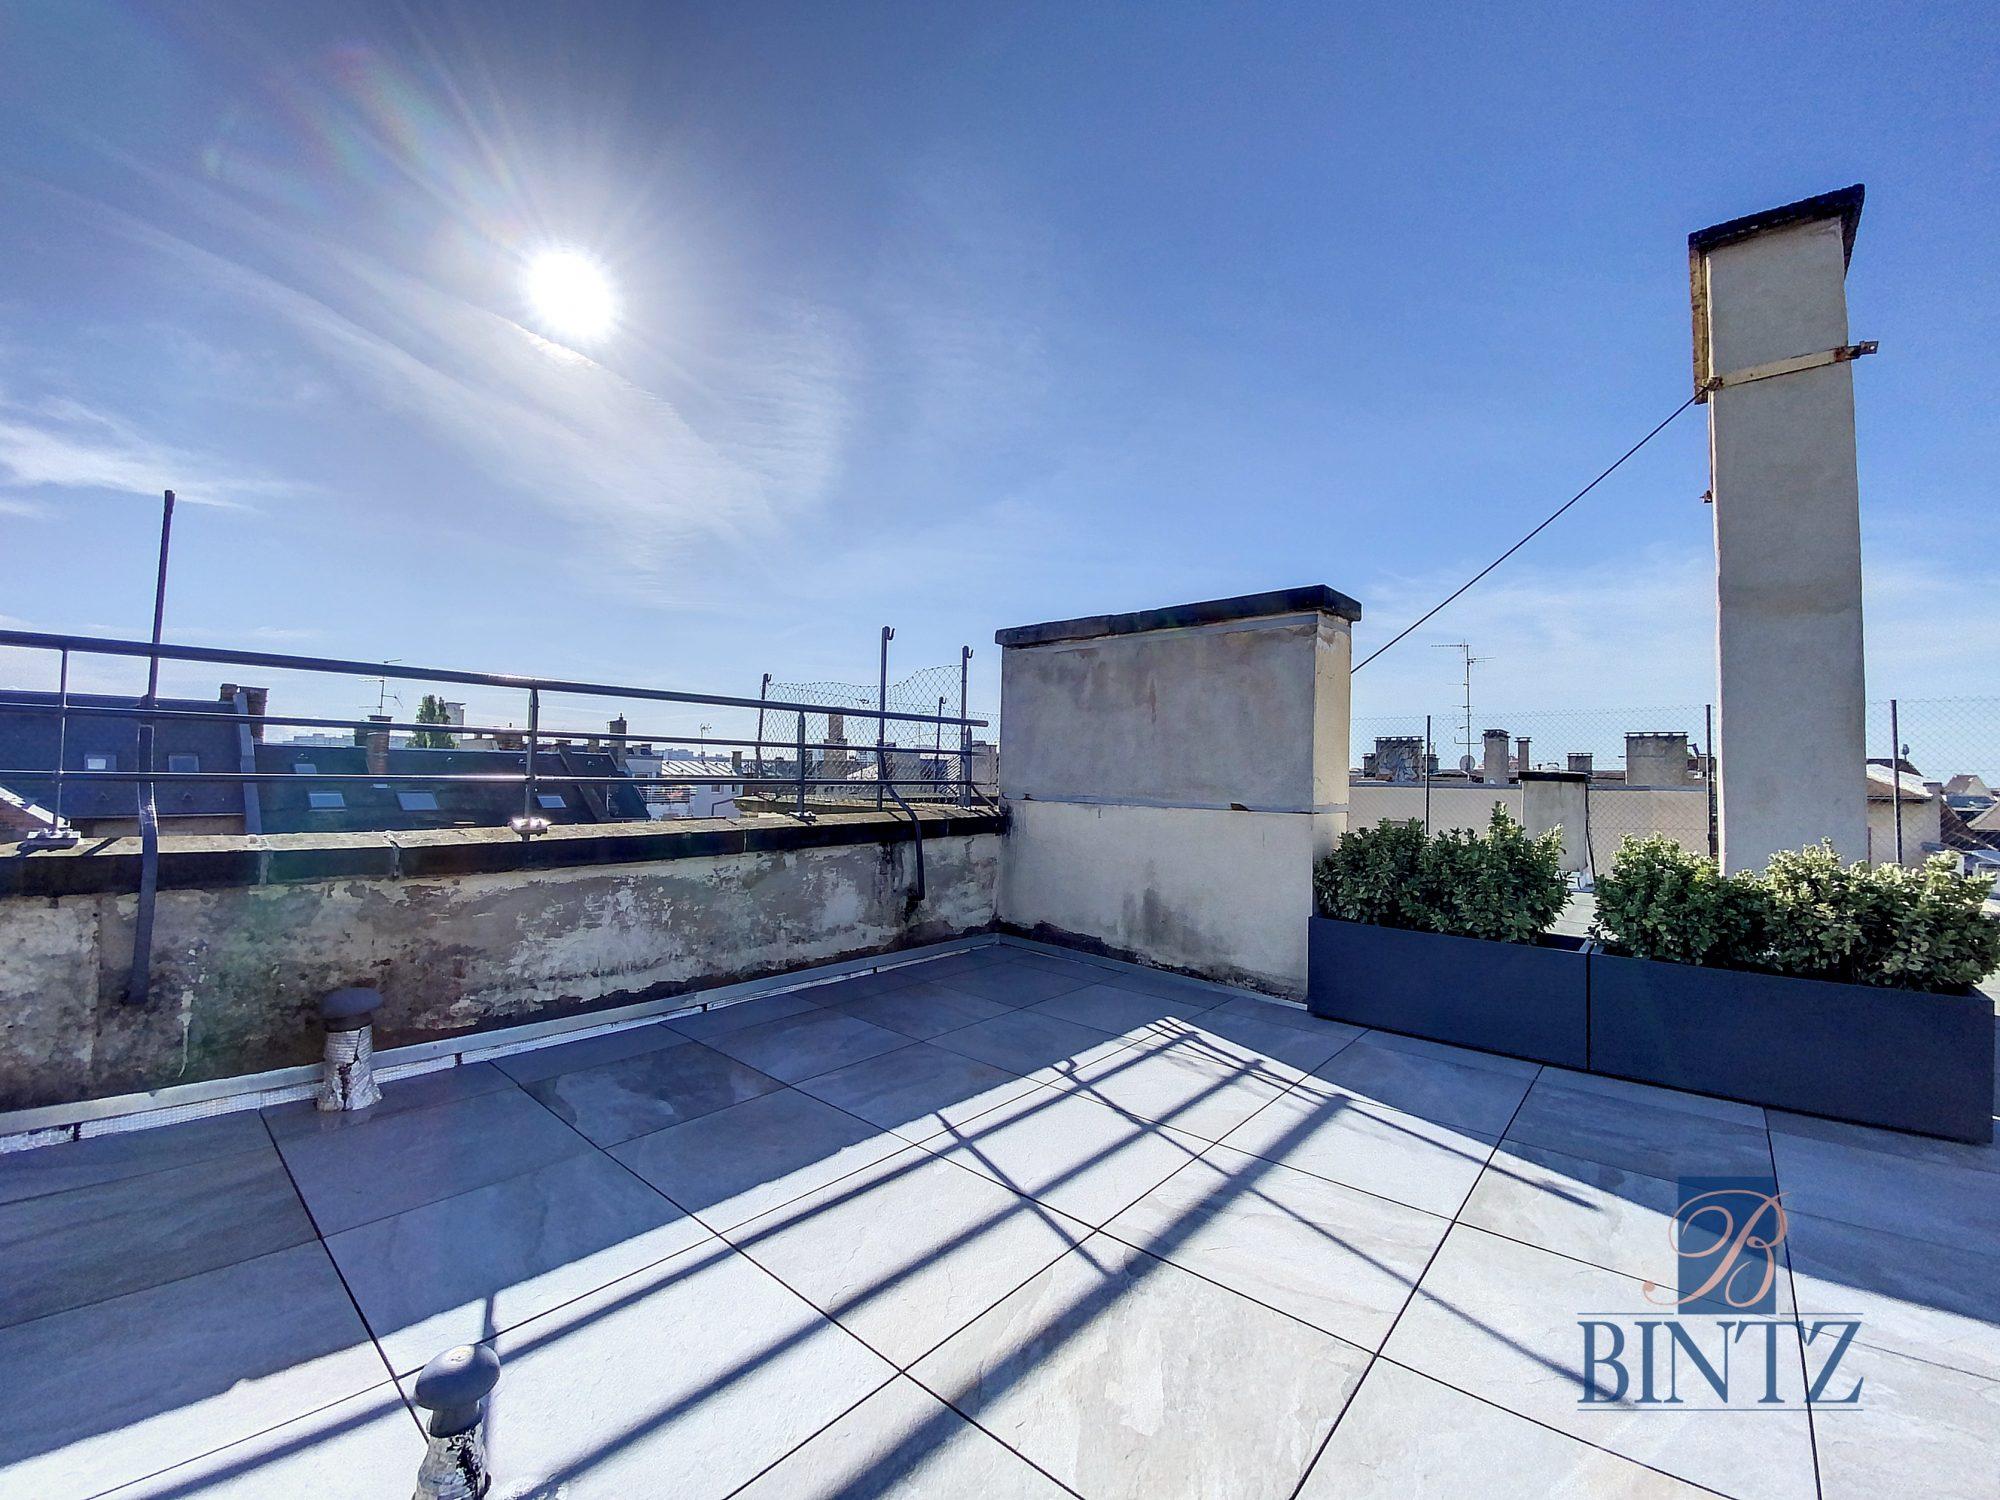 DUPLEX PLACE DE L'UNIVERSITÉ AVEC TERRASSE - Devenez locataire en toute sérénité - Bintz Immobilier - 1